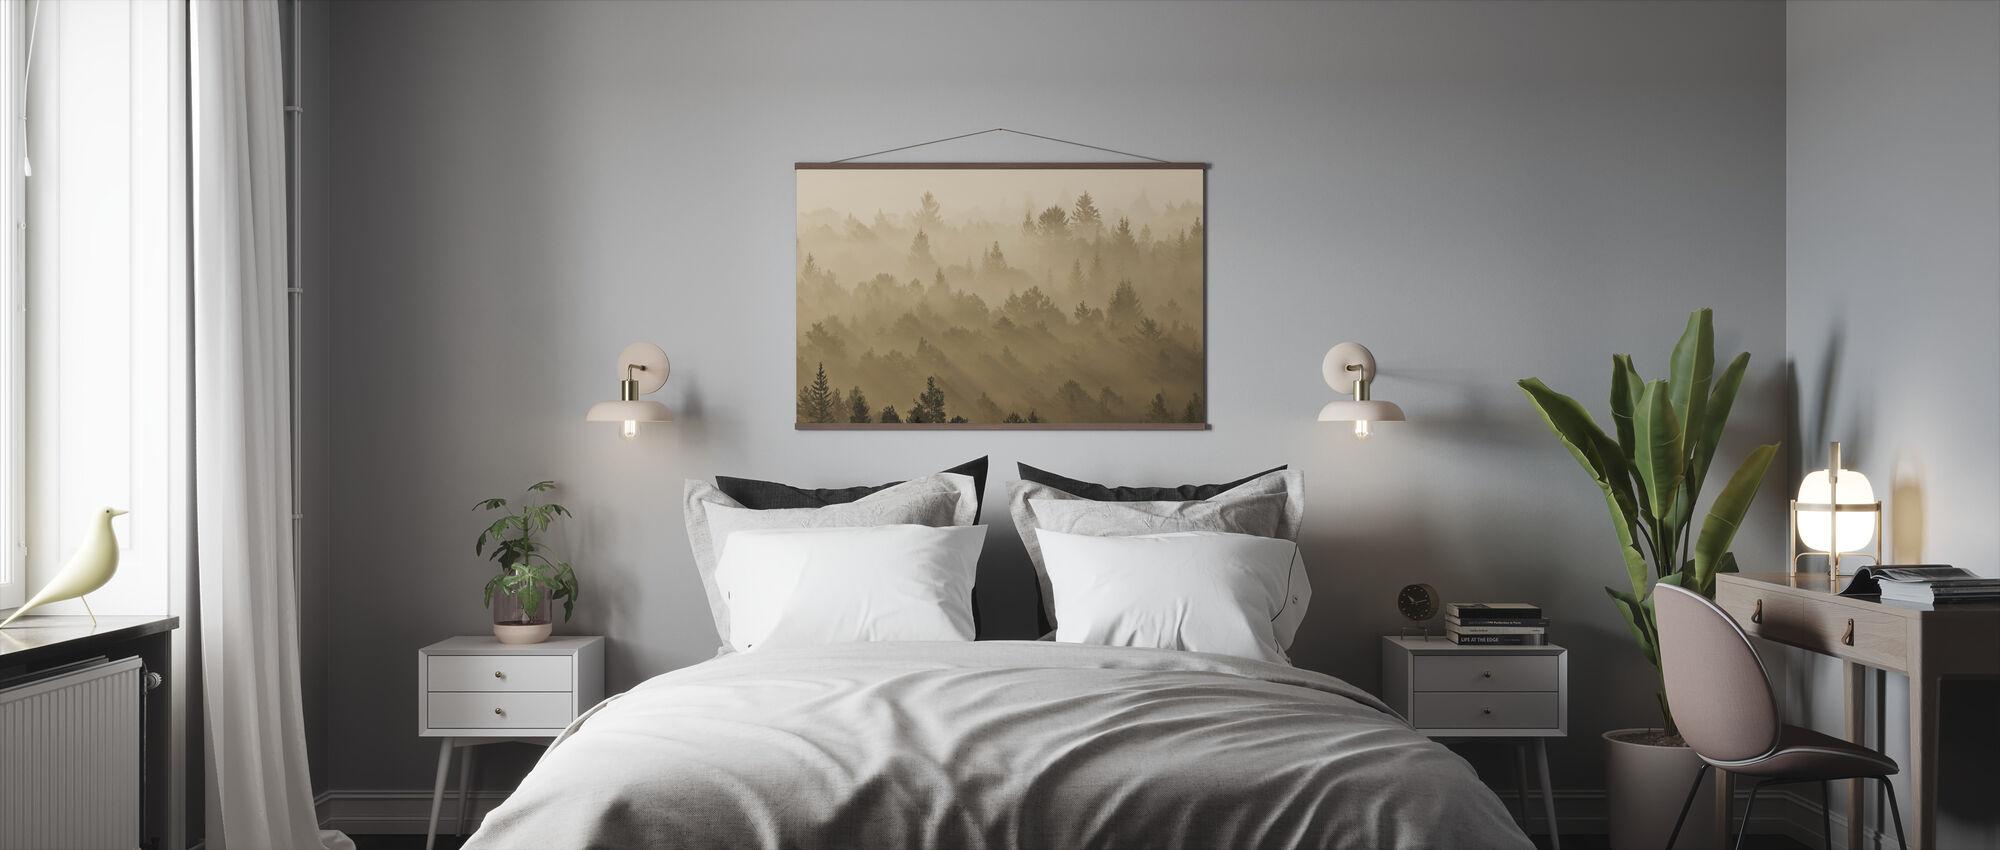 Morning Mist in Isar Valley - Poster - Bedroom